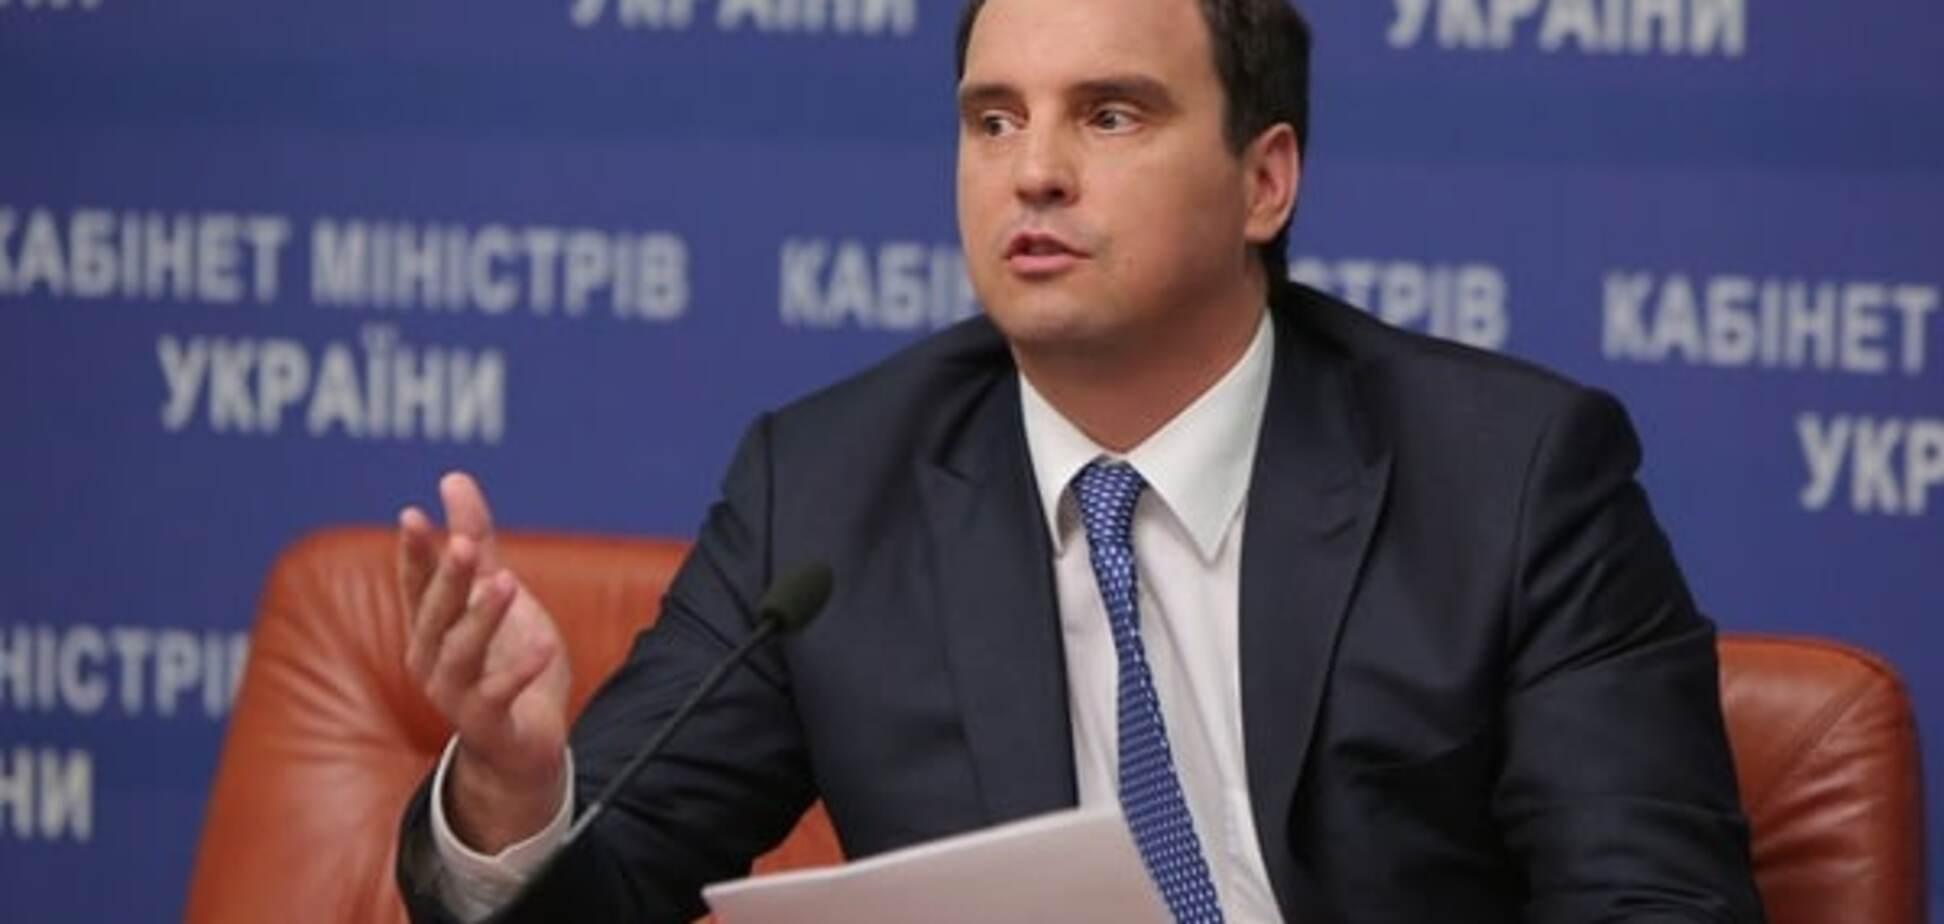 Лановий про відставку Абромавічуса: в Україні і так не було міністра економіки